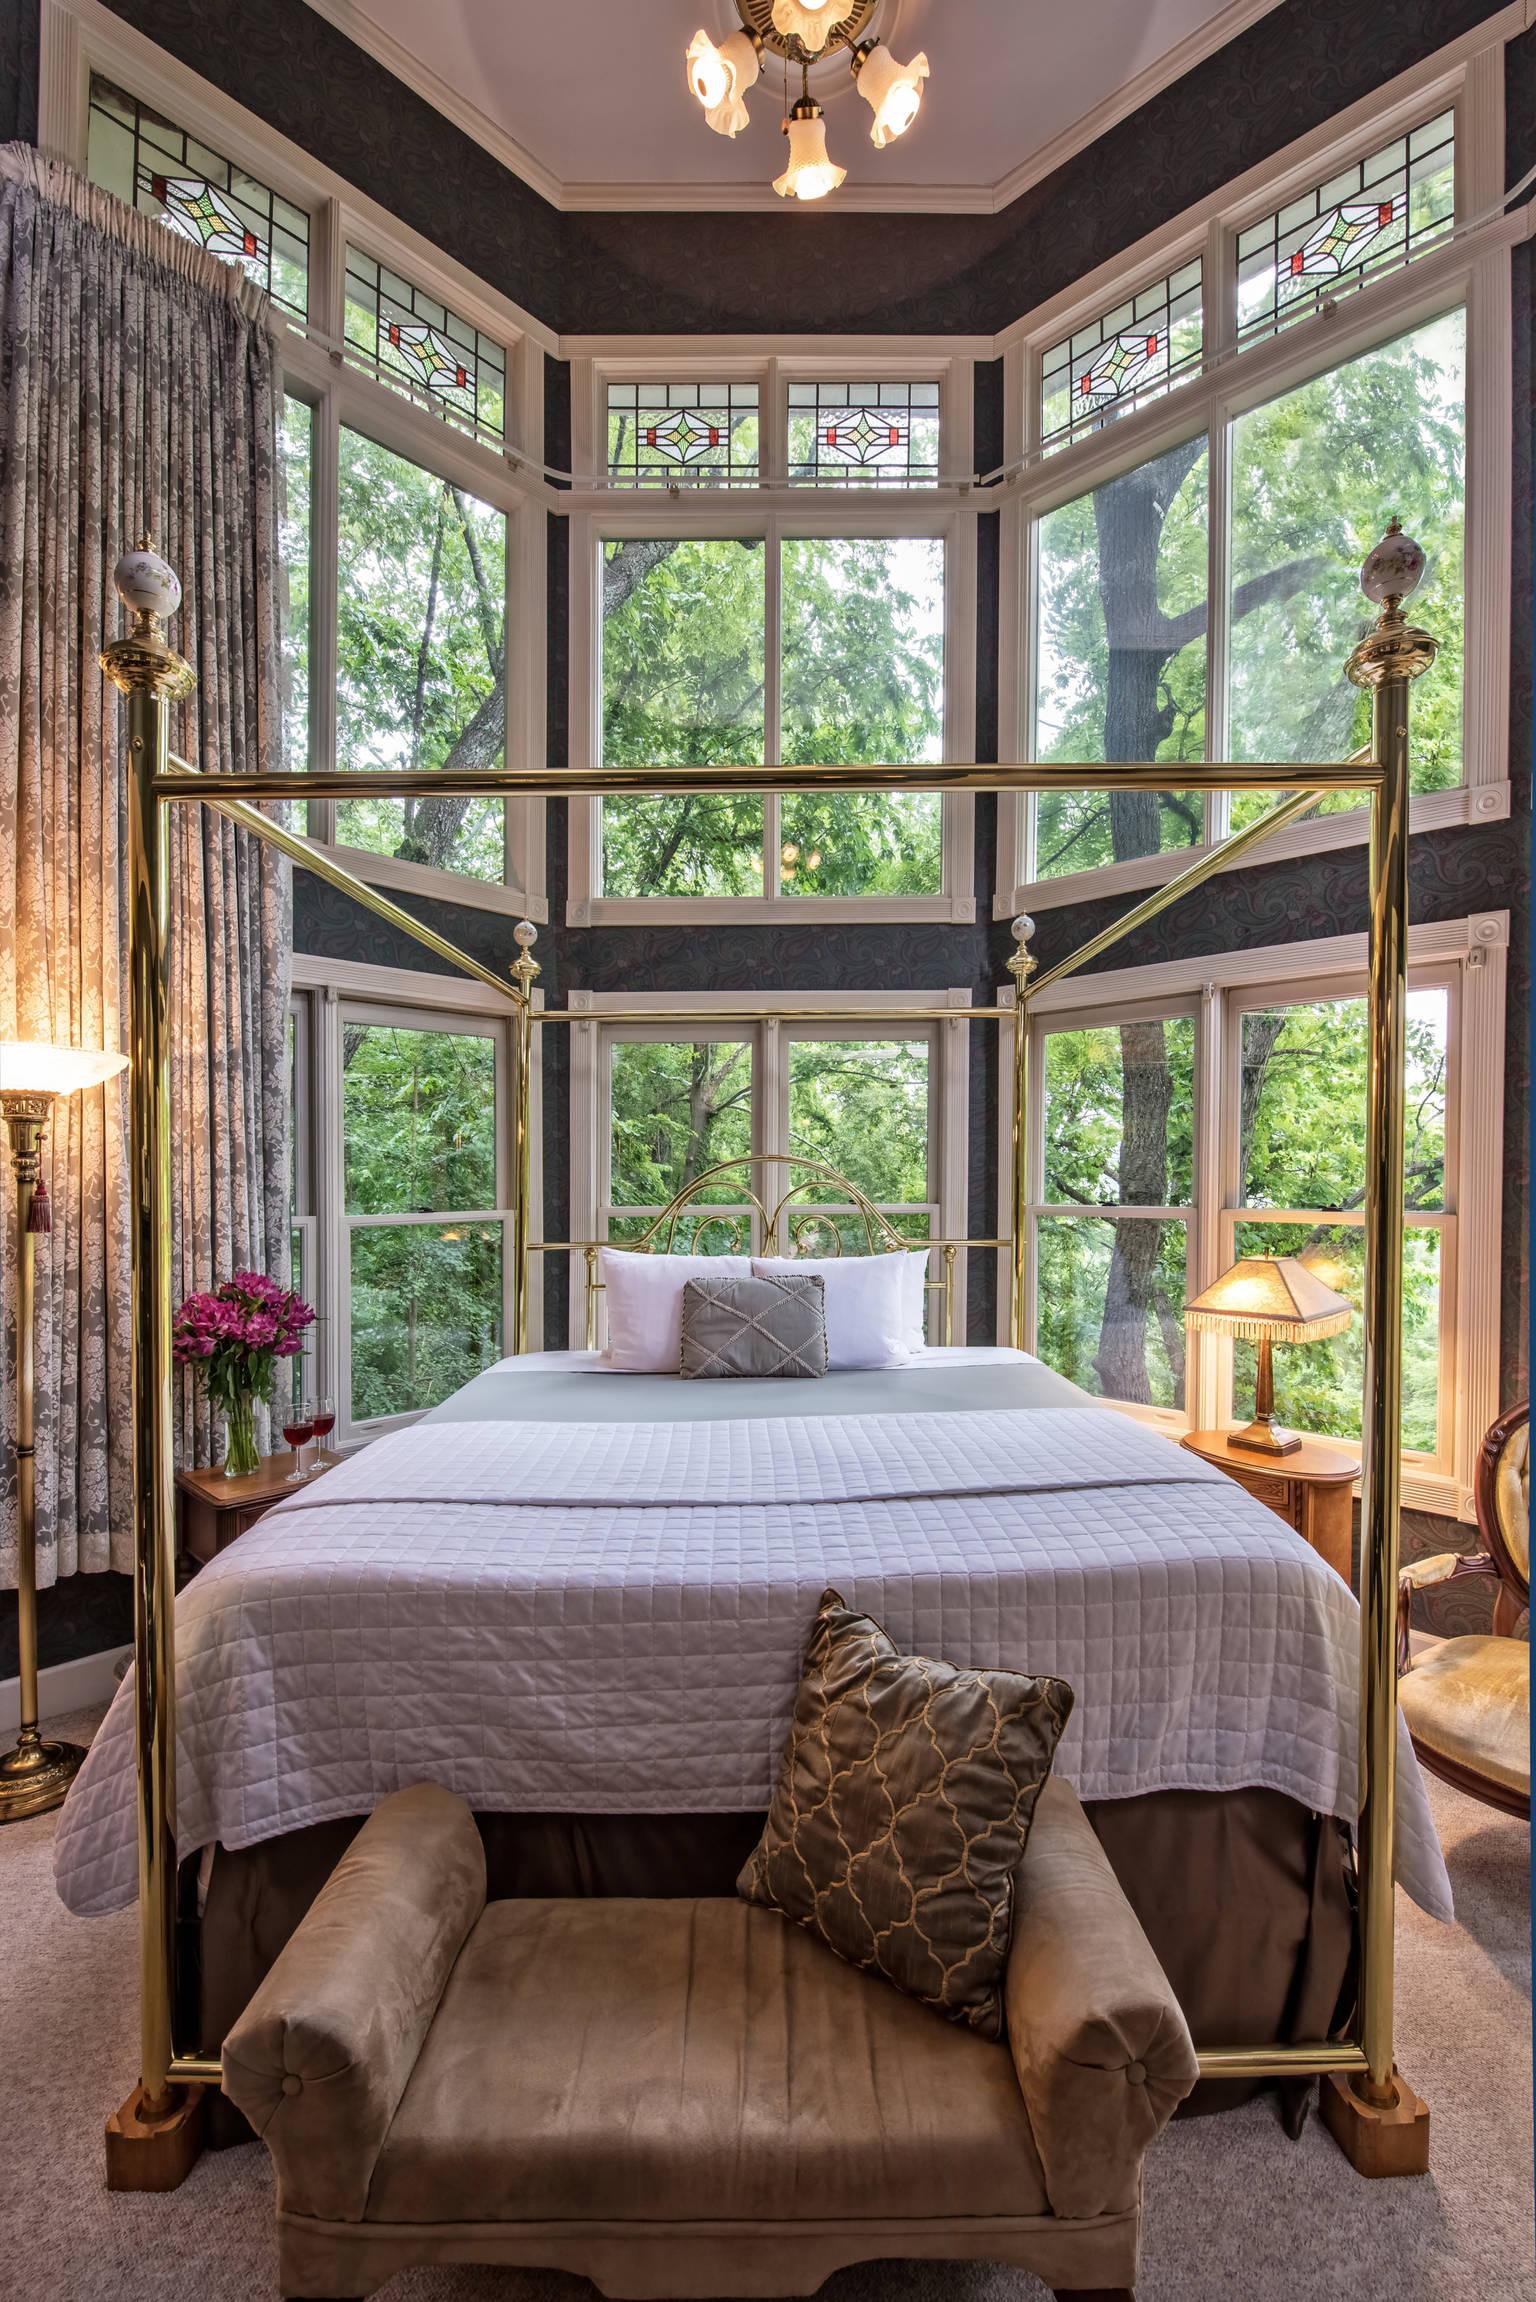 Eureka Springs Bed and Breakfast